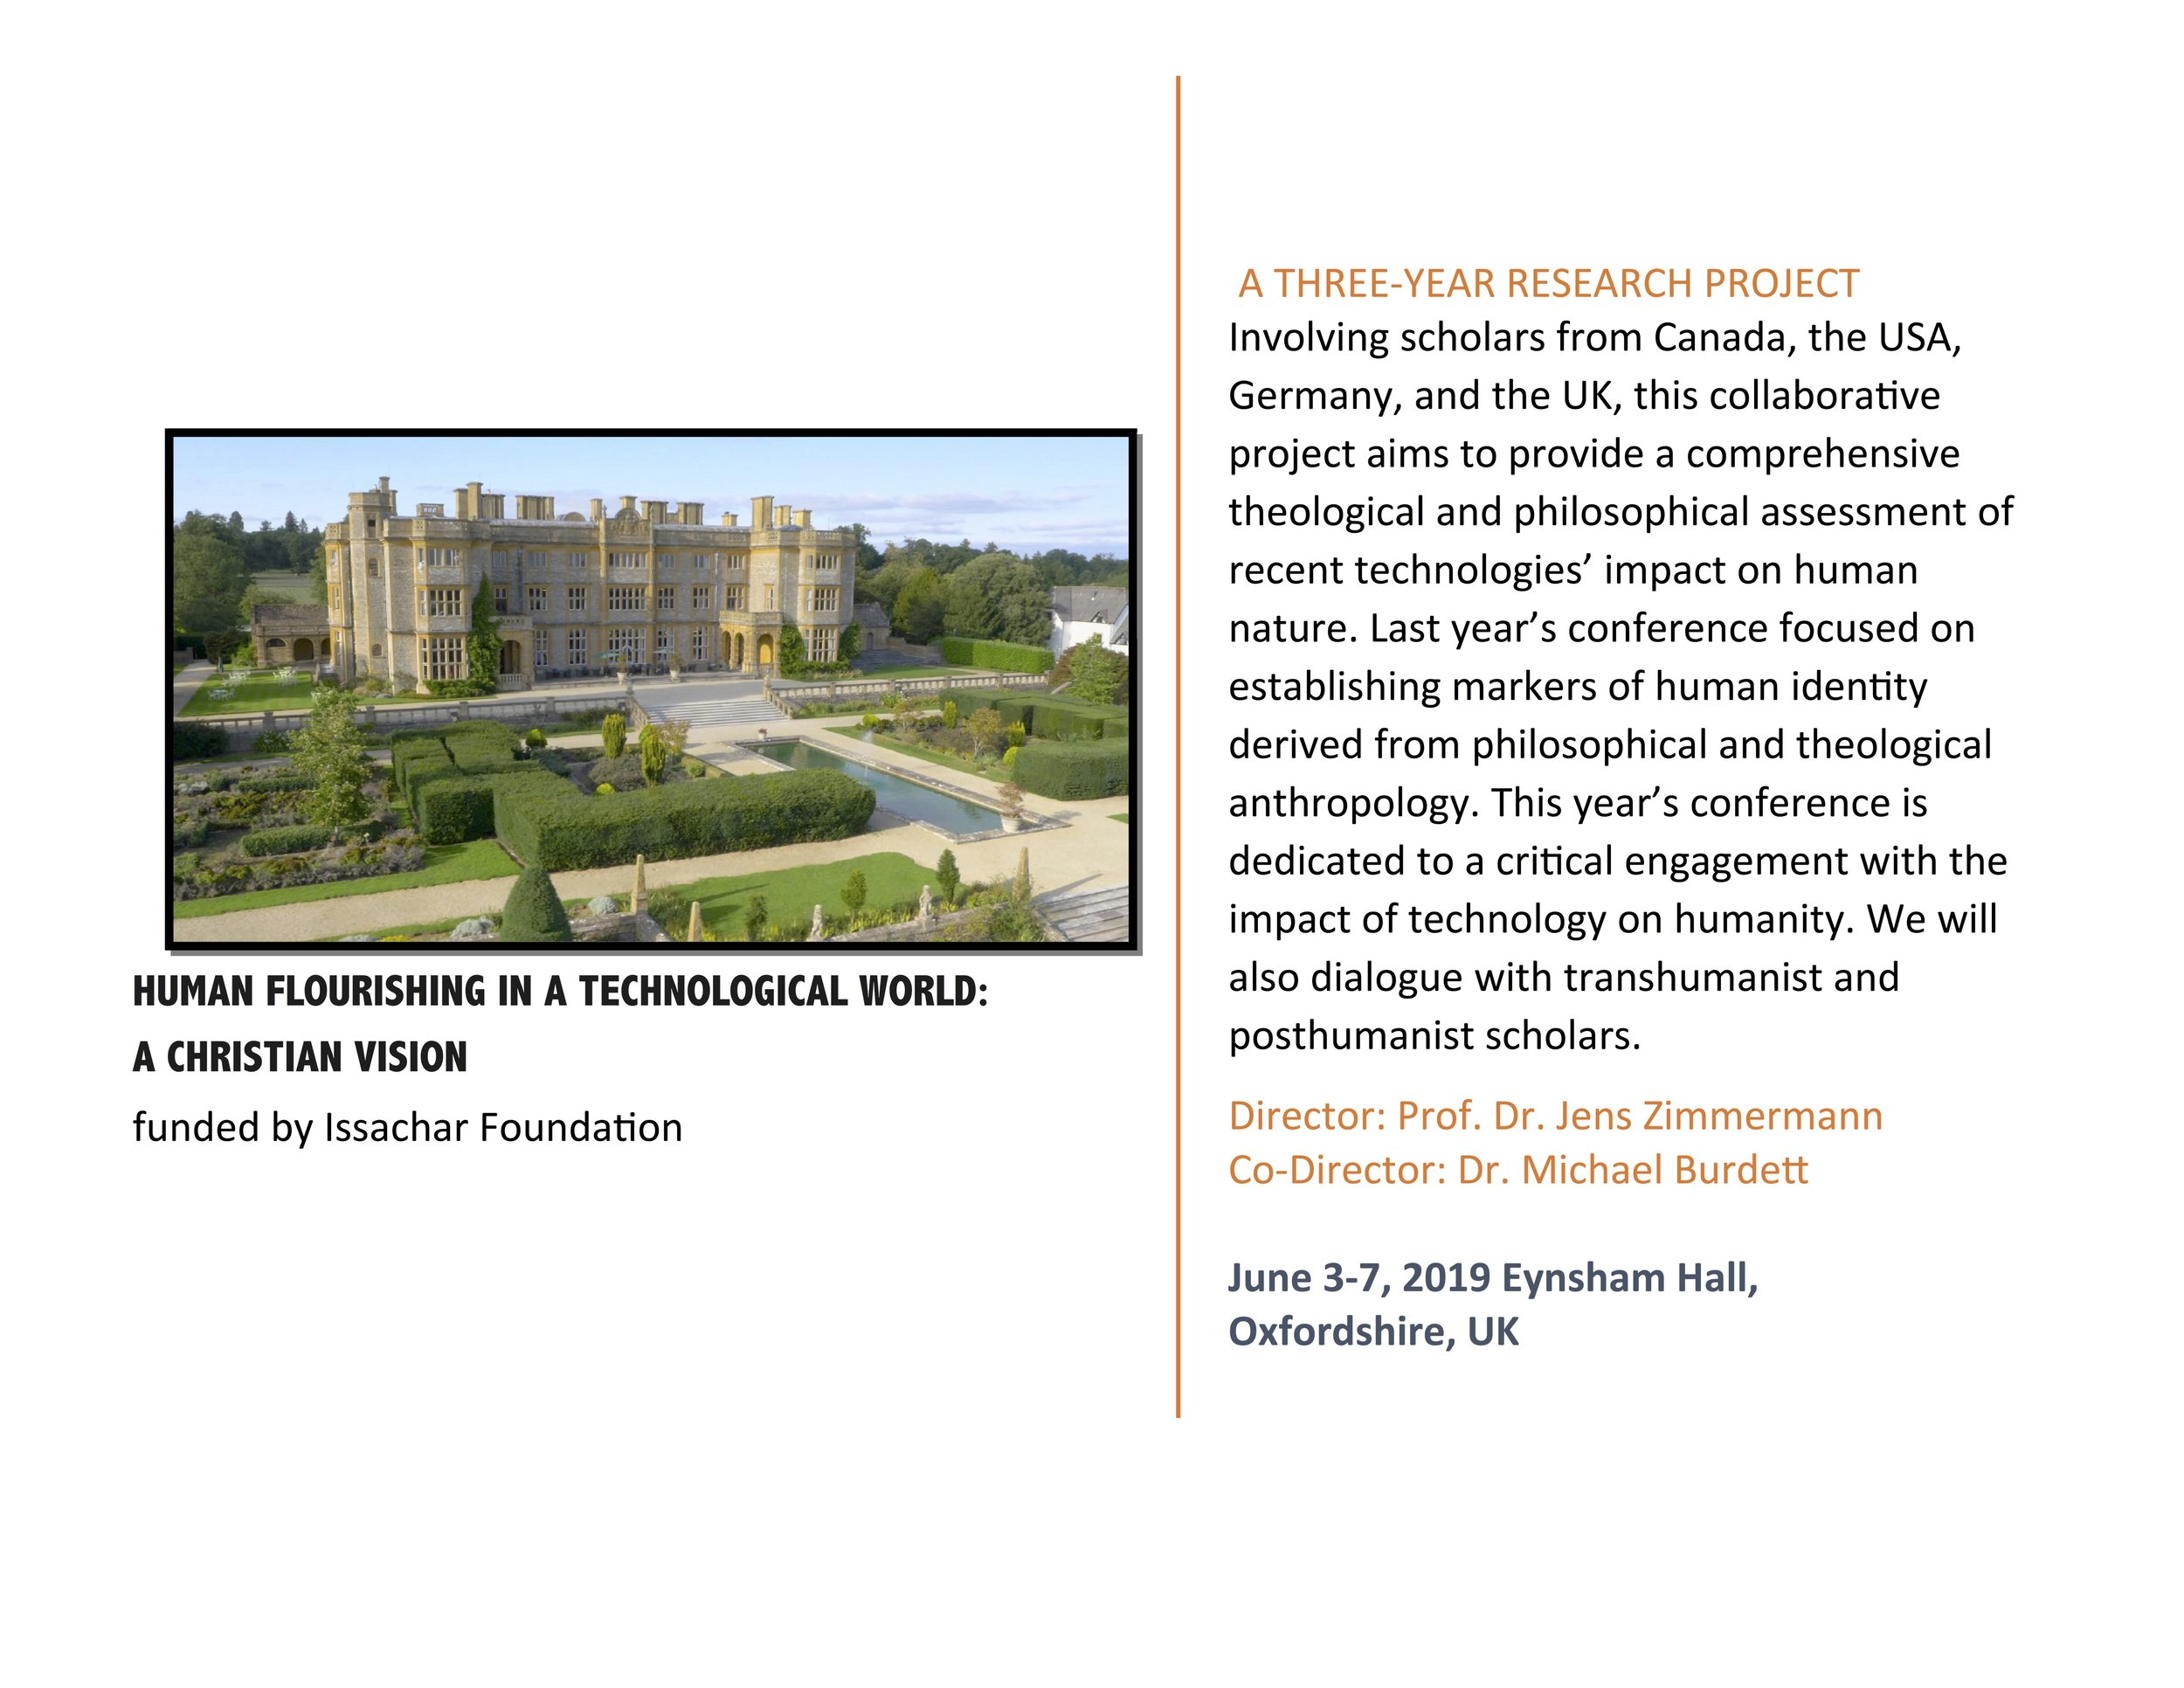 Updated Eynsham Hall Workshop Schedule.jpg